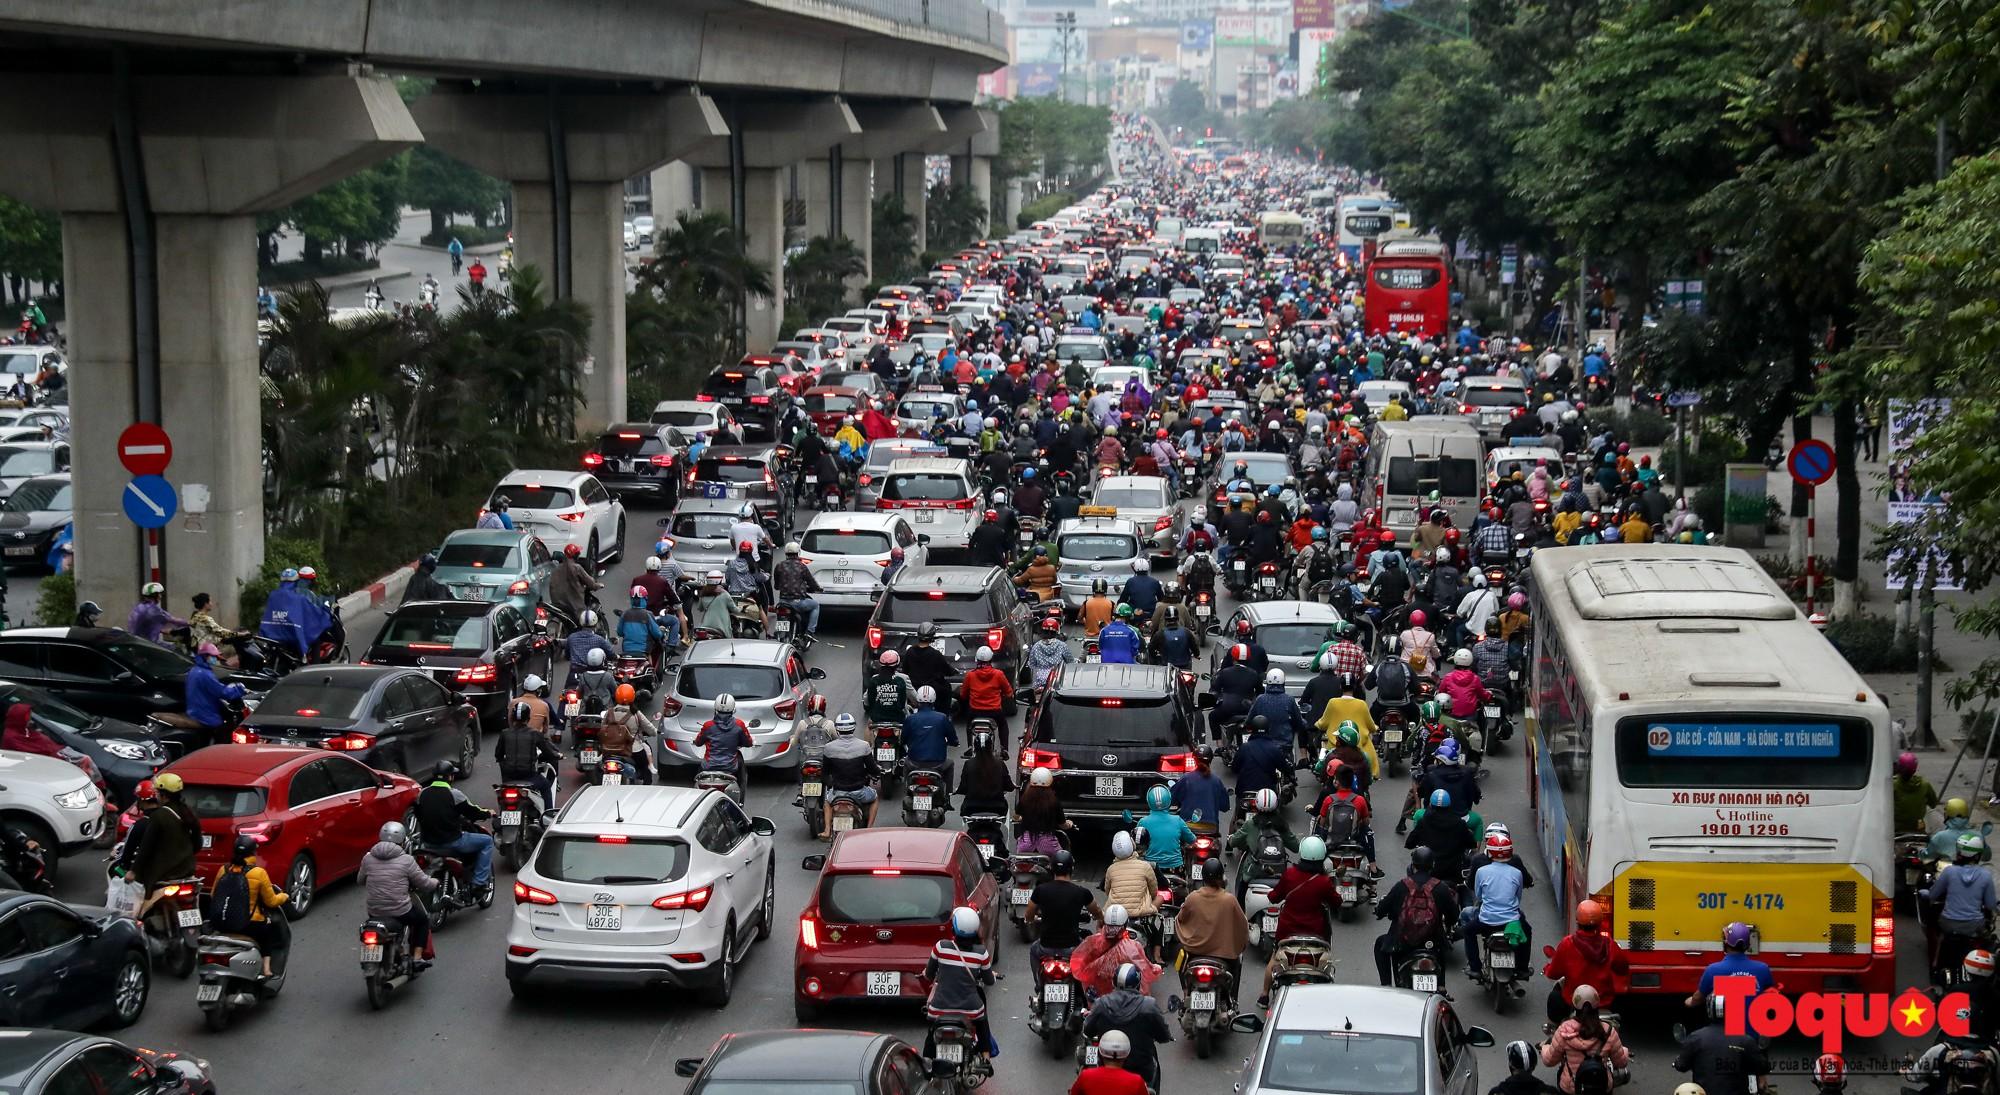 Nhìn những hình ảnh này mới thấy đề xuất cấm xe máy 6 tuyến phố Hà Nội là vô cảm với người dân nghèo - Ảnh 2.